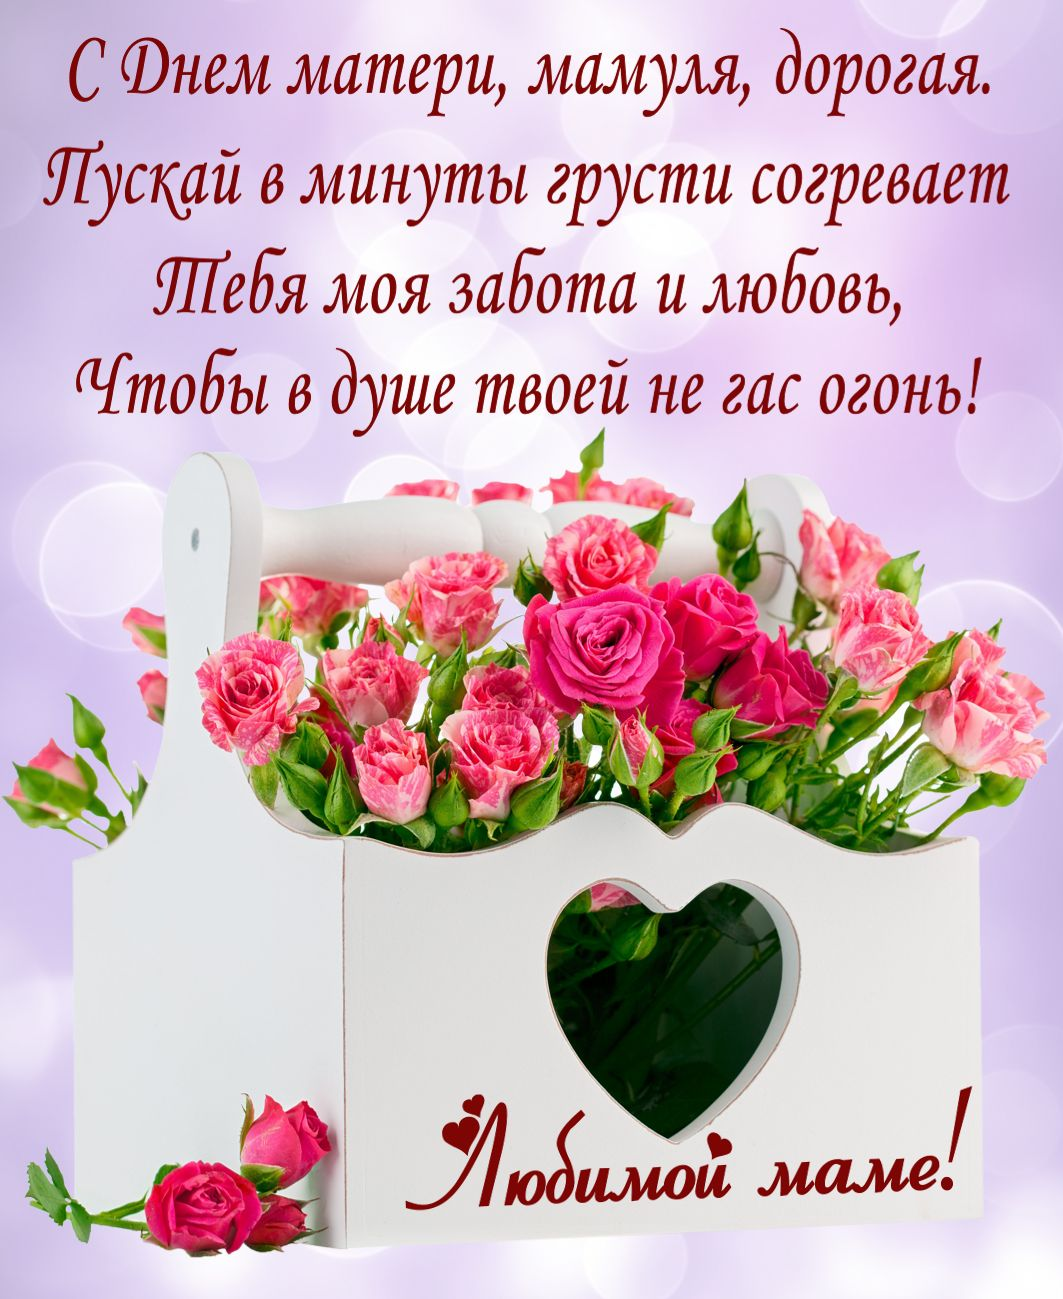 Поздравление с днем матери люблю тебя